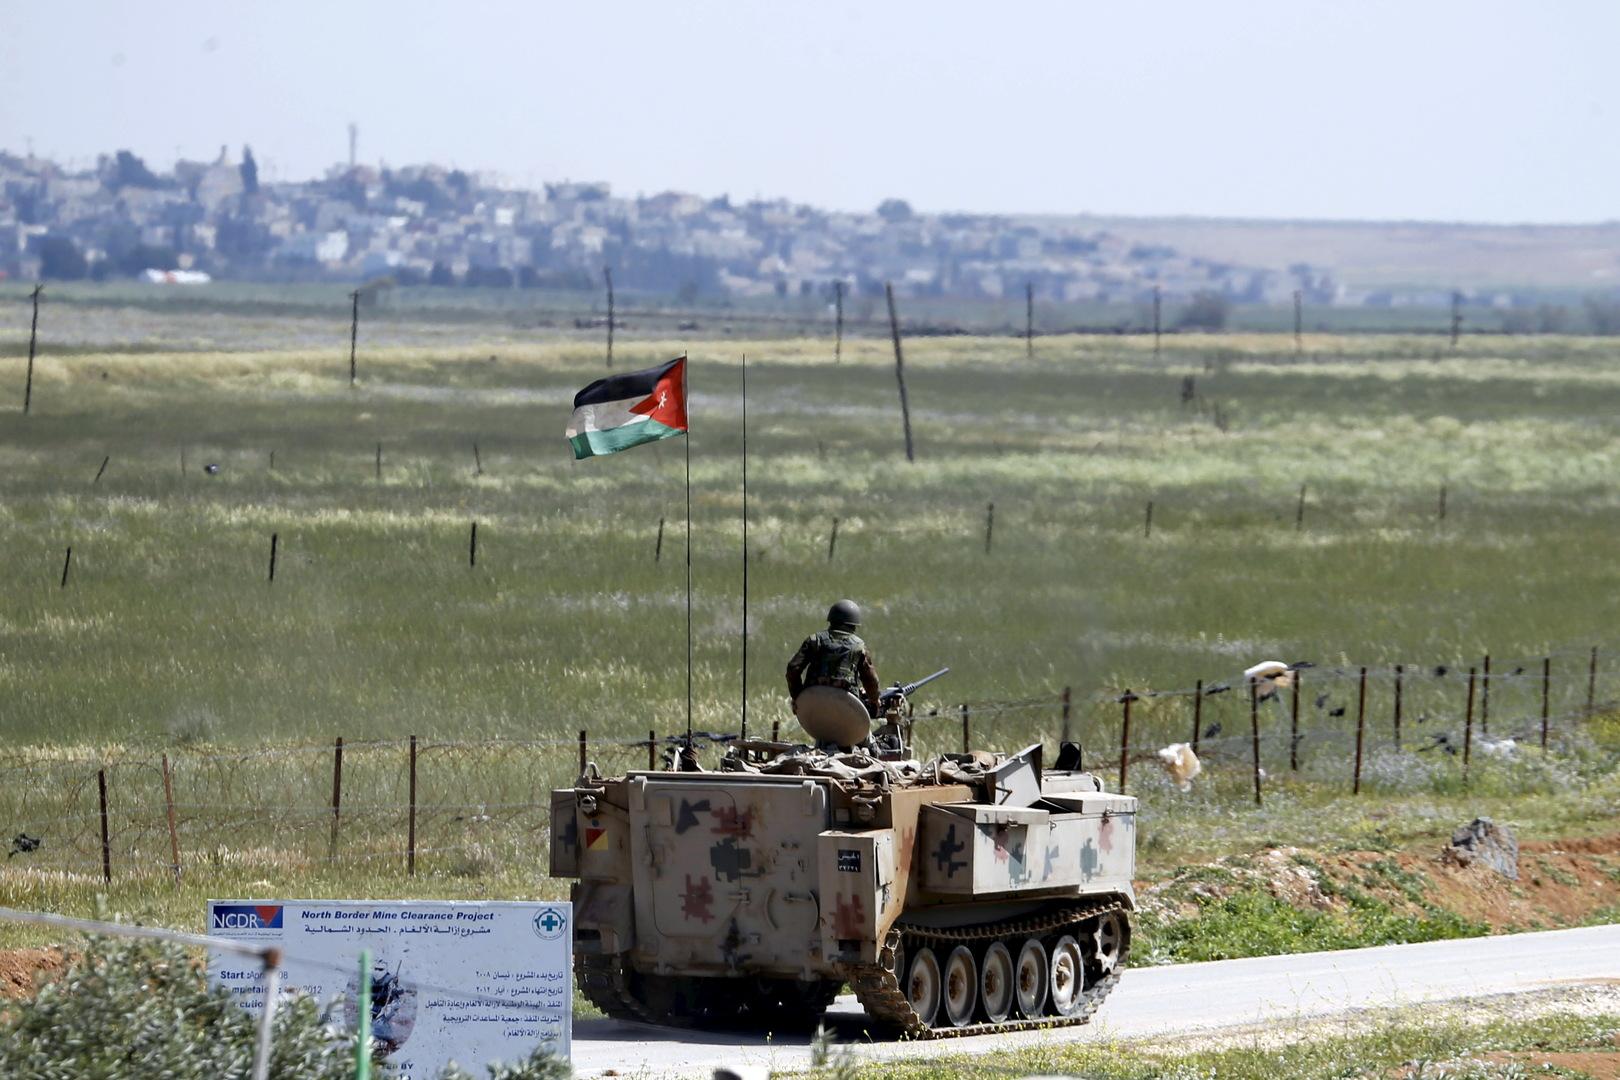 دوي انفجار بشمال غربي الأردن بالتزامن مع قصف إسرائيلي لمواقع وسط سوريا